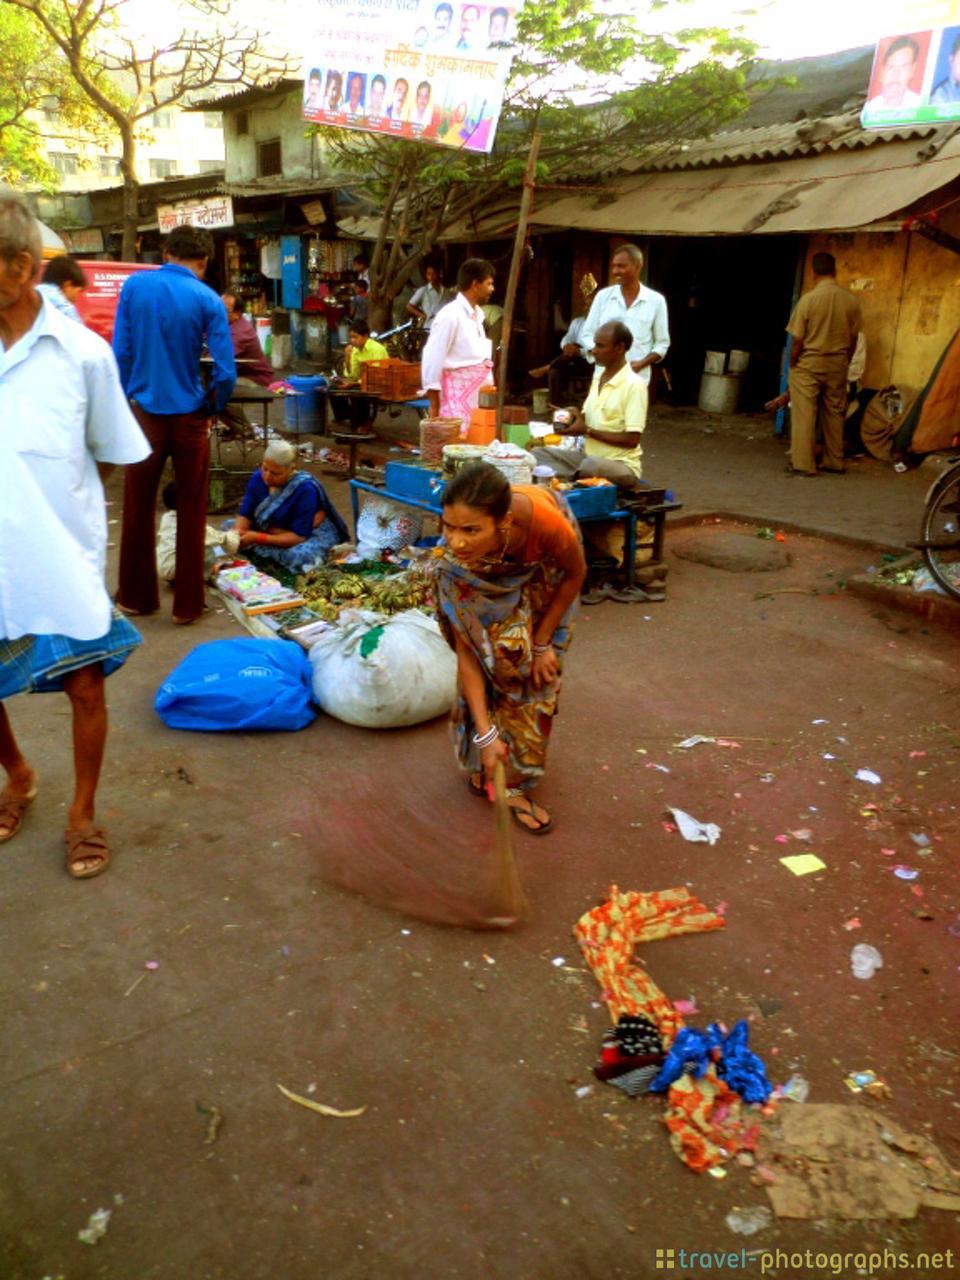 mumbai-street-scene-woman